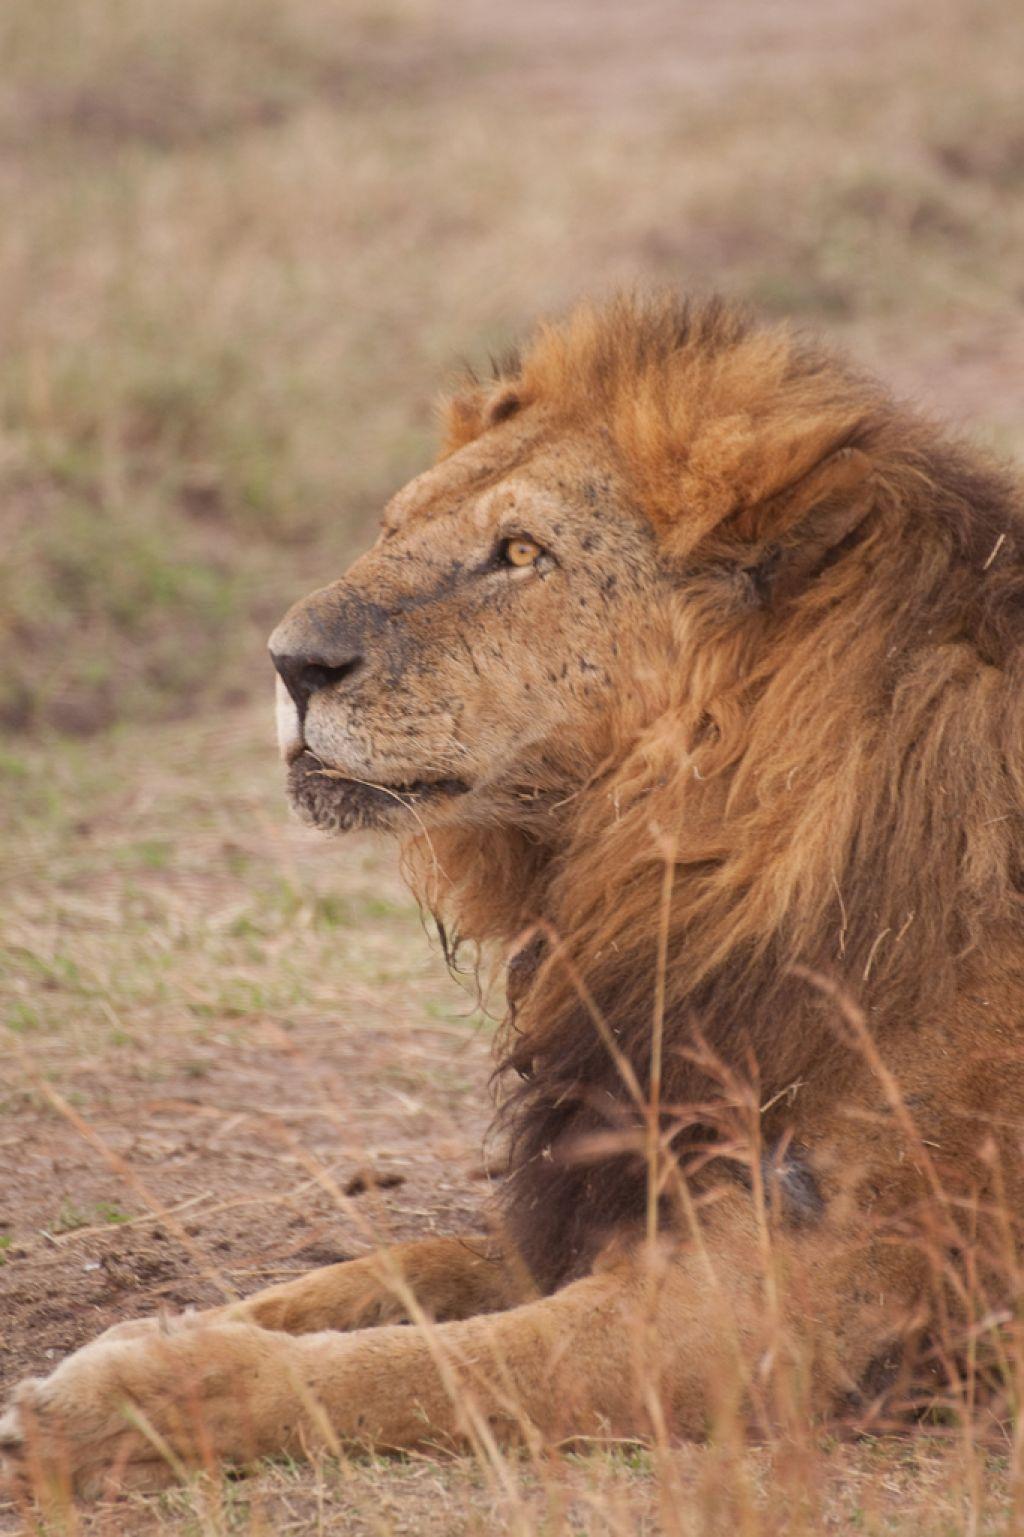 kenya safari11 Masai Mara Camping Safari in Kenya